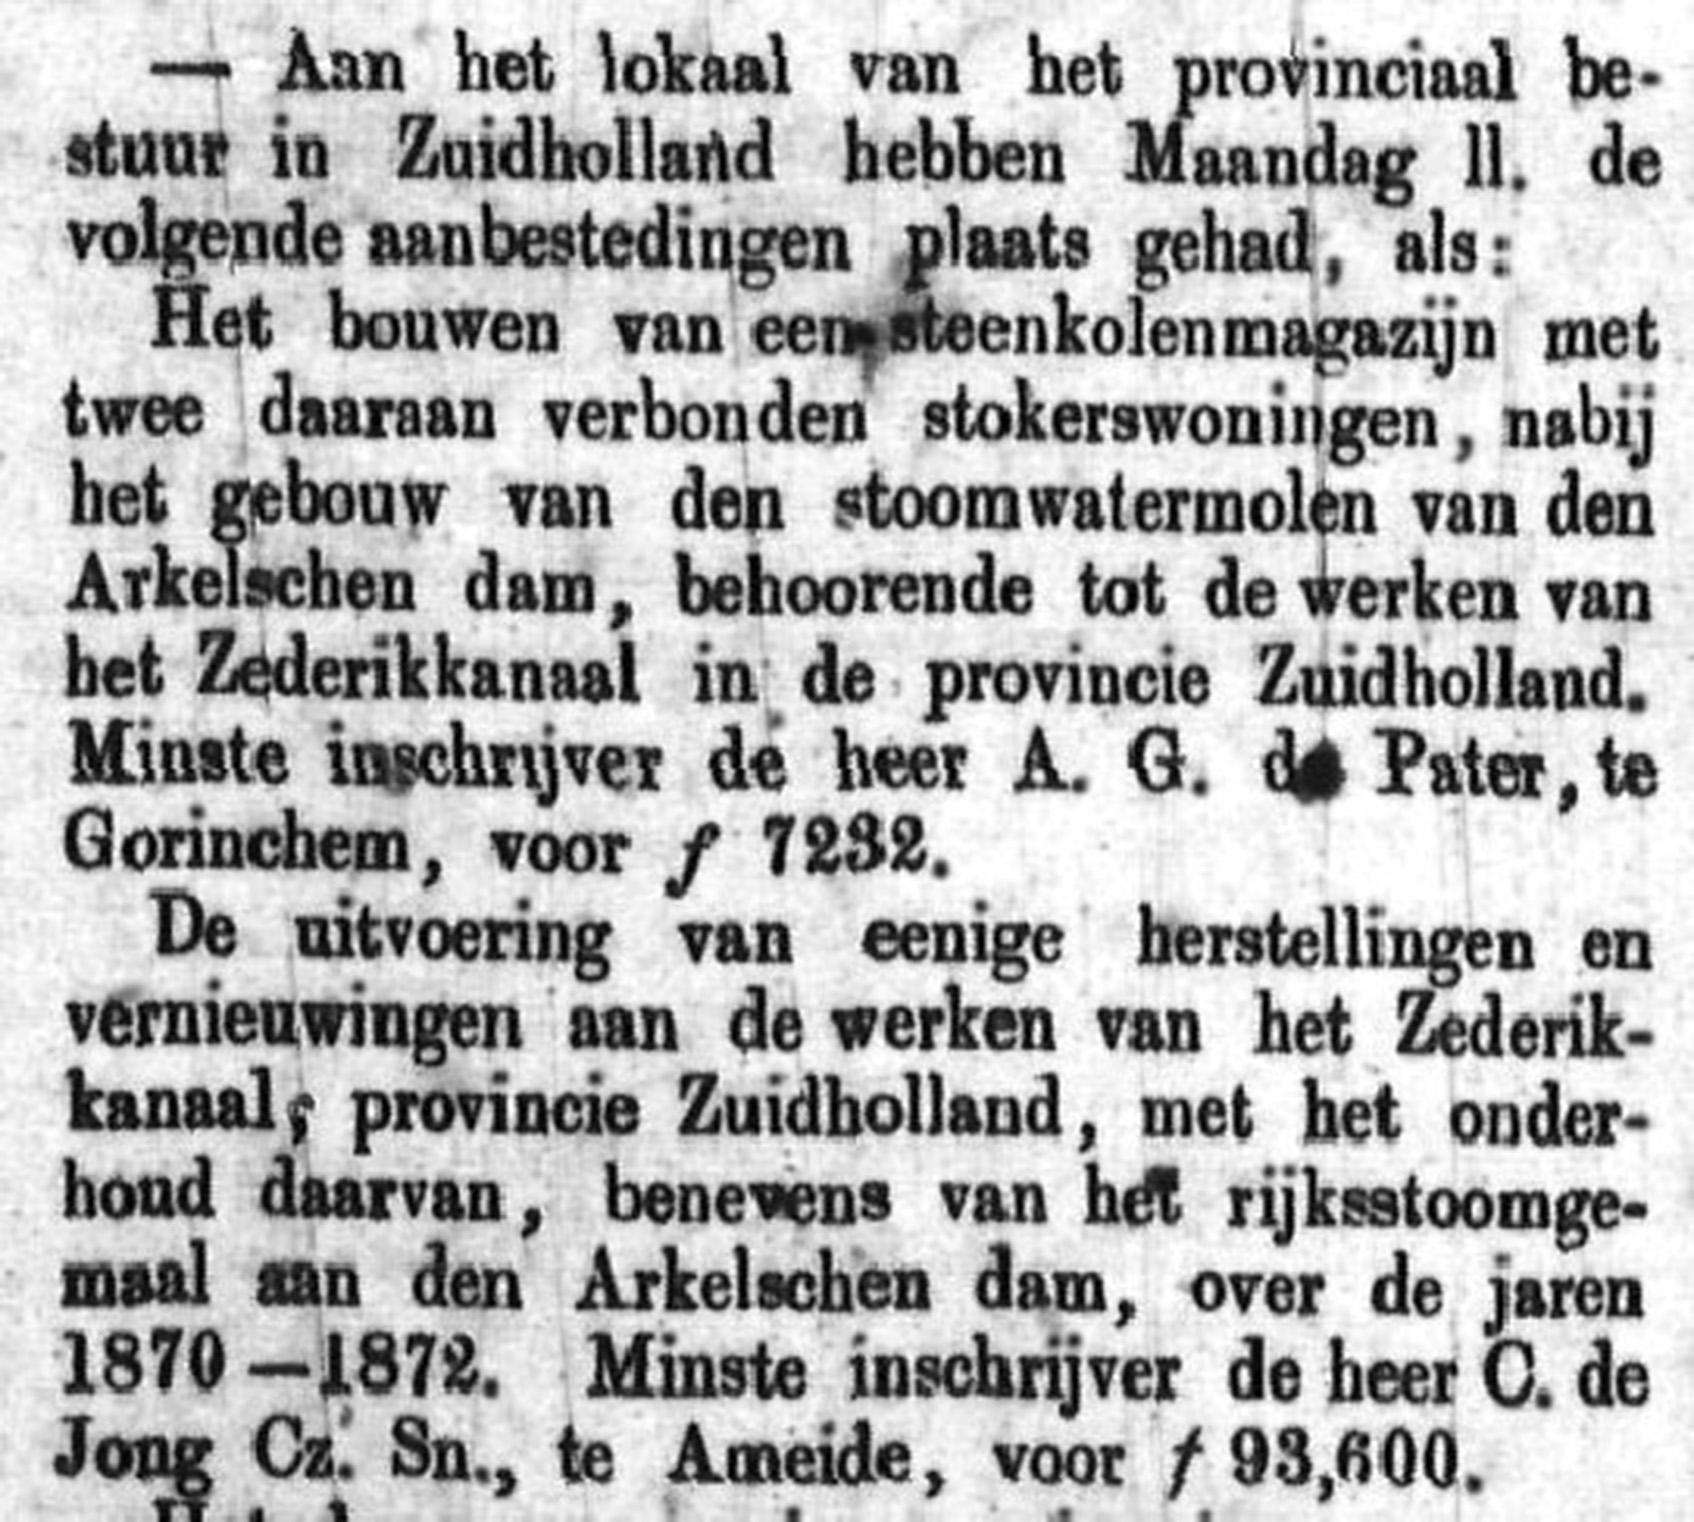 Schoonhovensche Courant 00027 1870-01-02 artikel 1